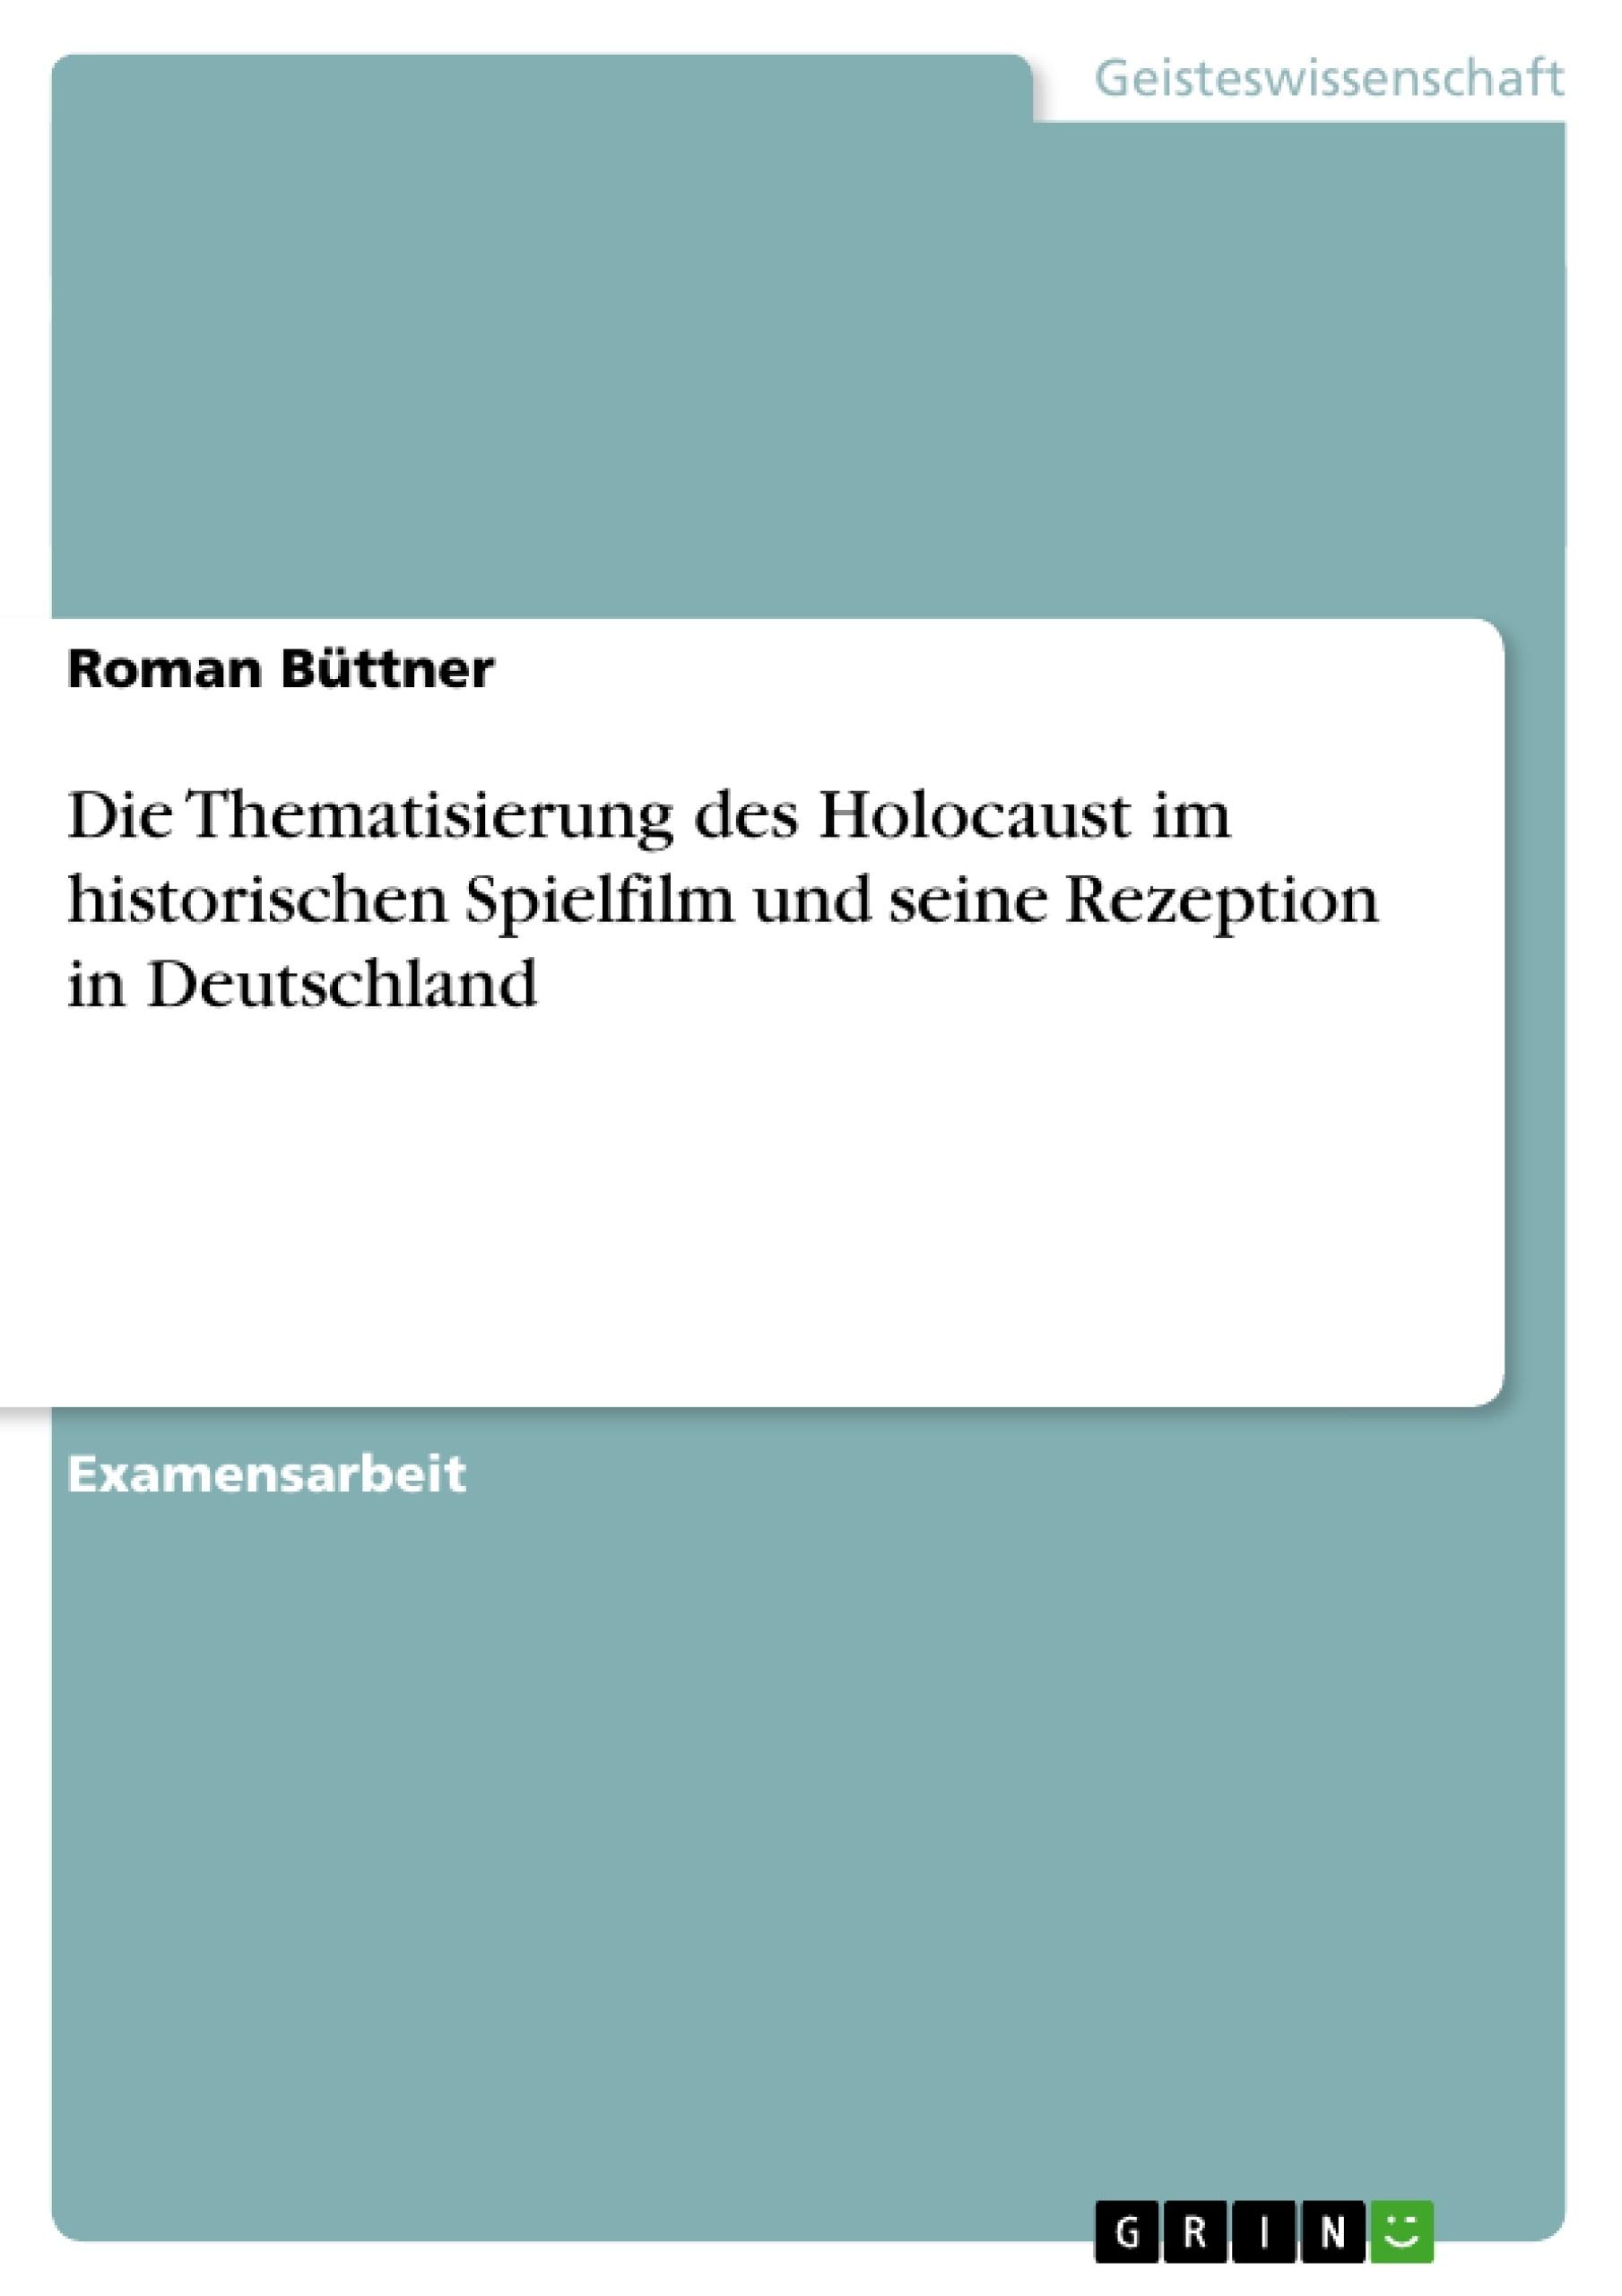 Titel: Die Thematisierung des Holocaust im historischen Spielfilm und seine Rezeption in Deutschland